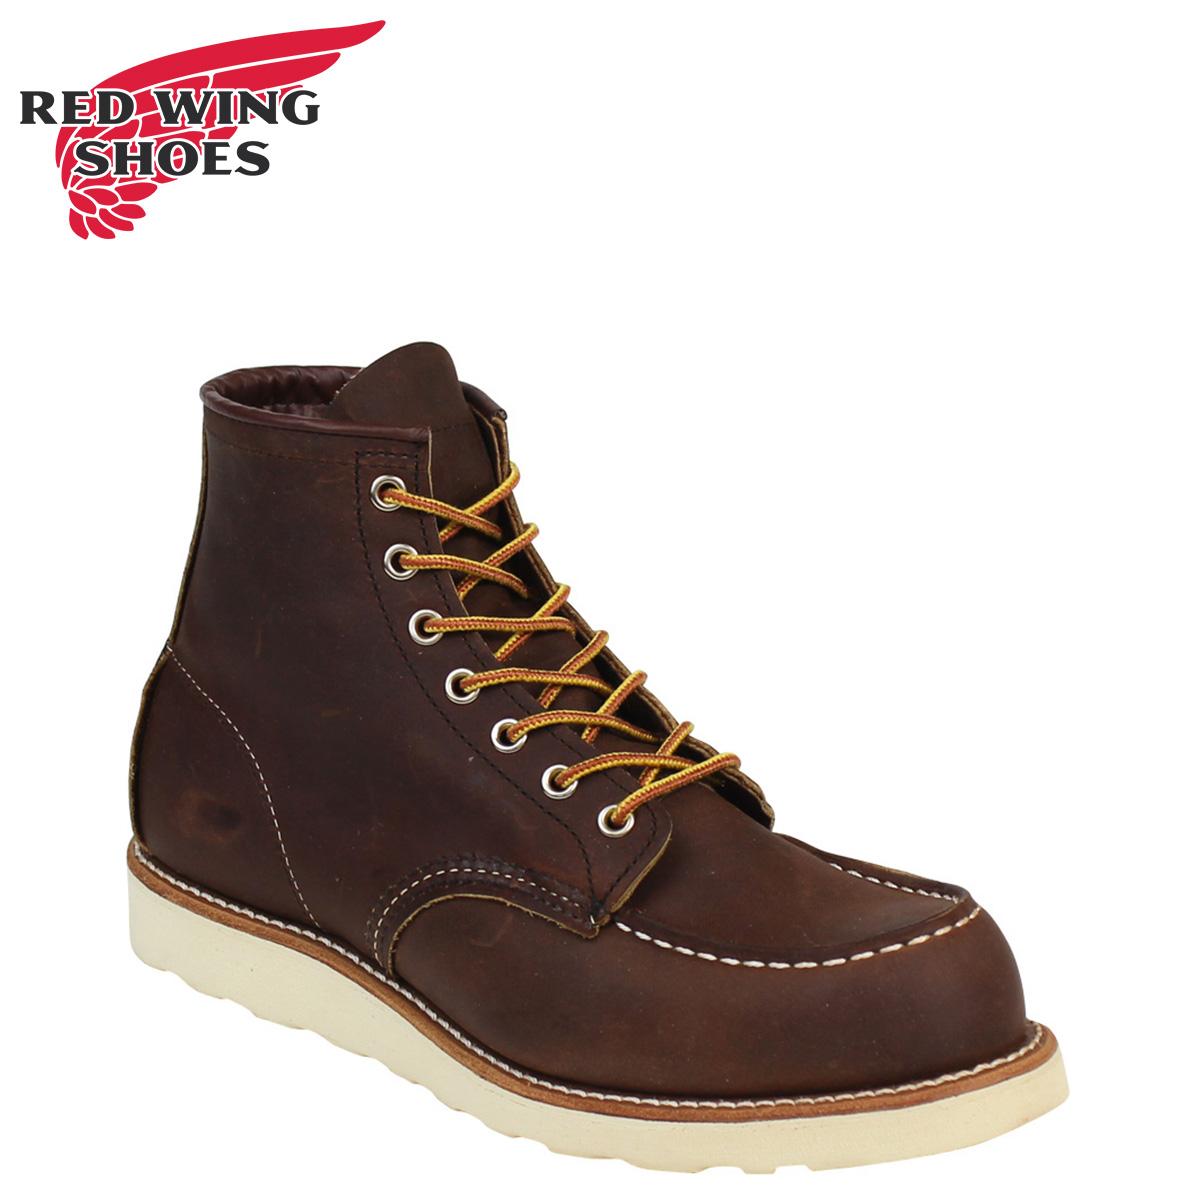 RED WING レッドウィング アイリッシュセッター ブーツ 6INCH CLASSIC MOC 6インチ クラシック モック Dワイズ 8880 レッドウイング メンズ